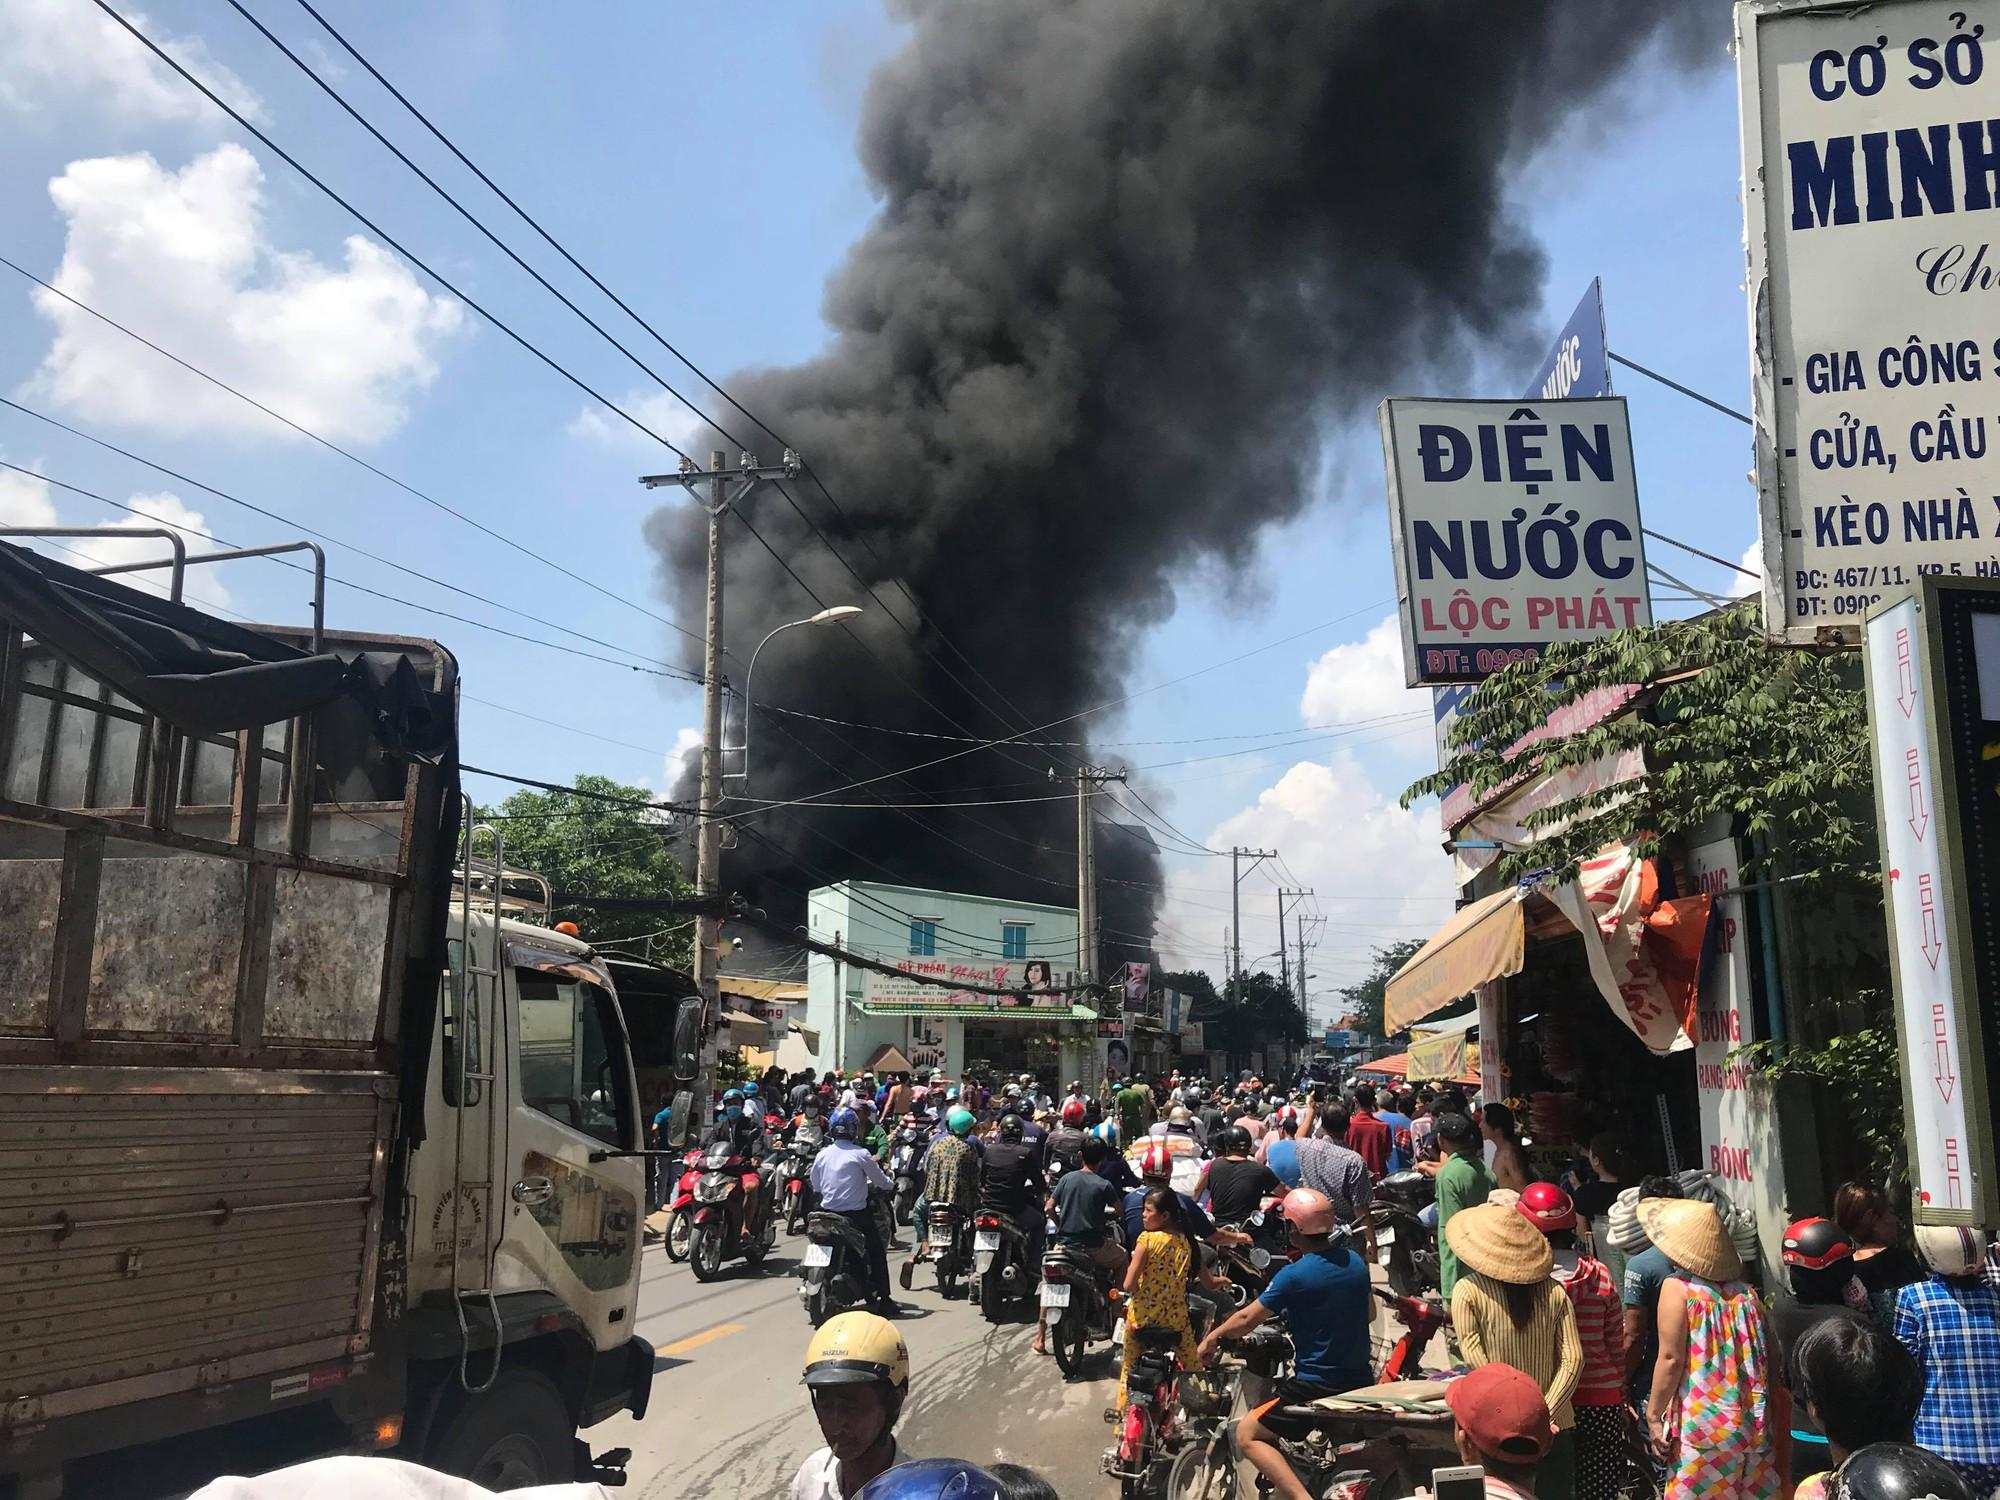 Cháy lớn ở cơ sở sản xuất thùng xốp ở Sài Gòn, người dân tháo chạy tán loạn - Ảnh 1.